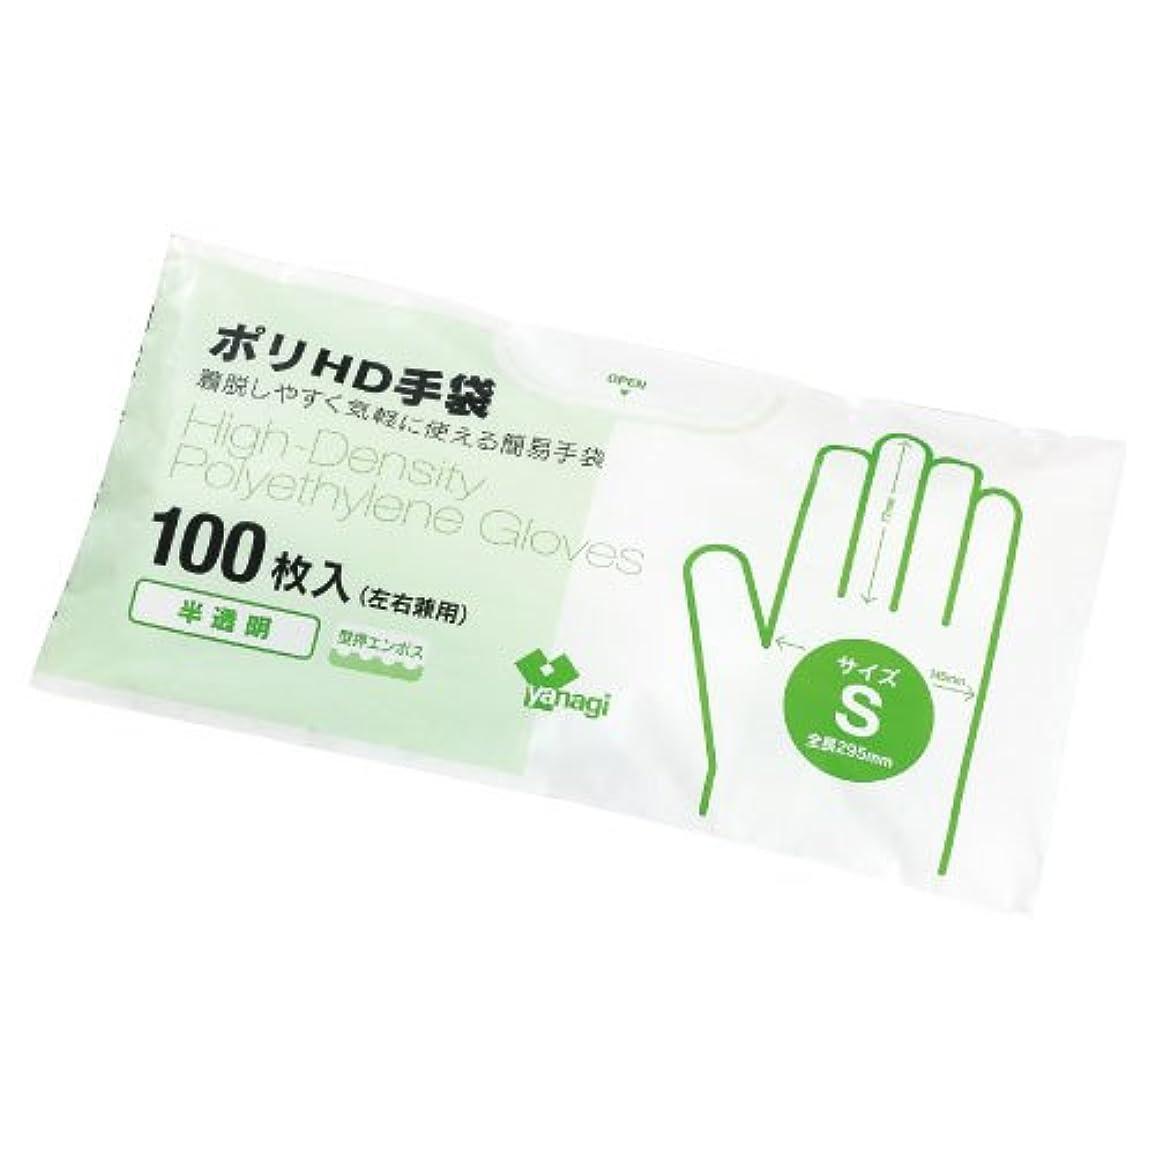 デコラティブ縁繁栄するポリHD手袋(半透明)型押エンボス TB-203(M)100???? ???HD???????????????(24-2575-01)【やなぎプロダクツ】[120袋単位]